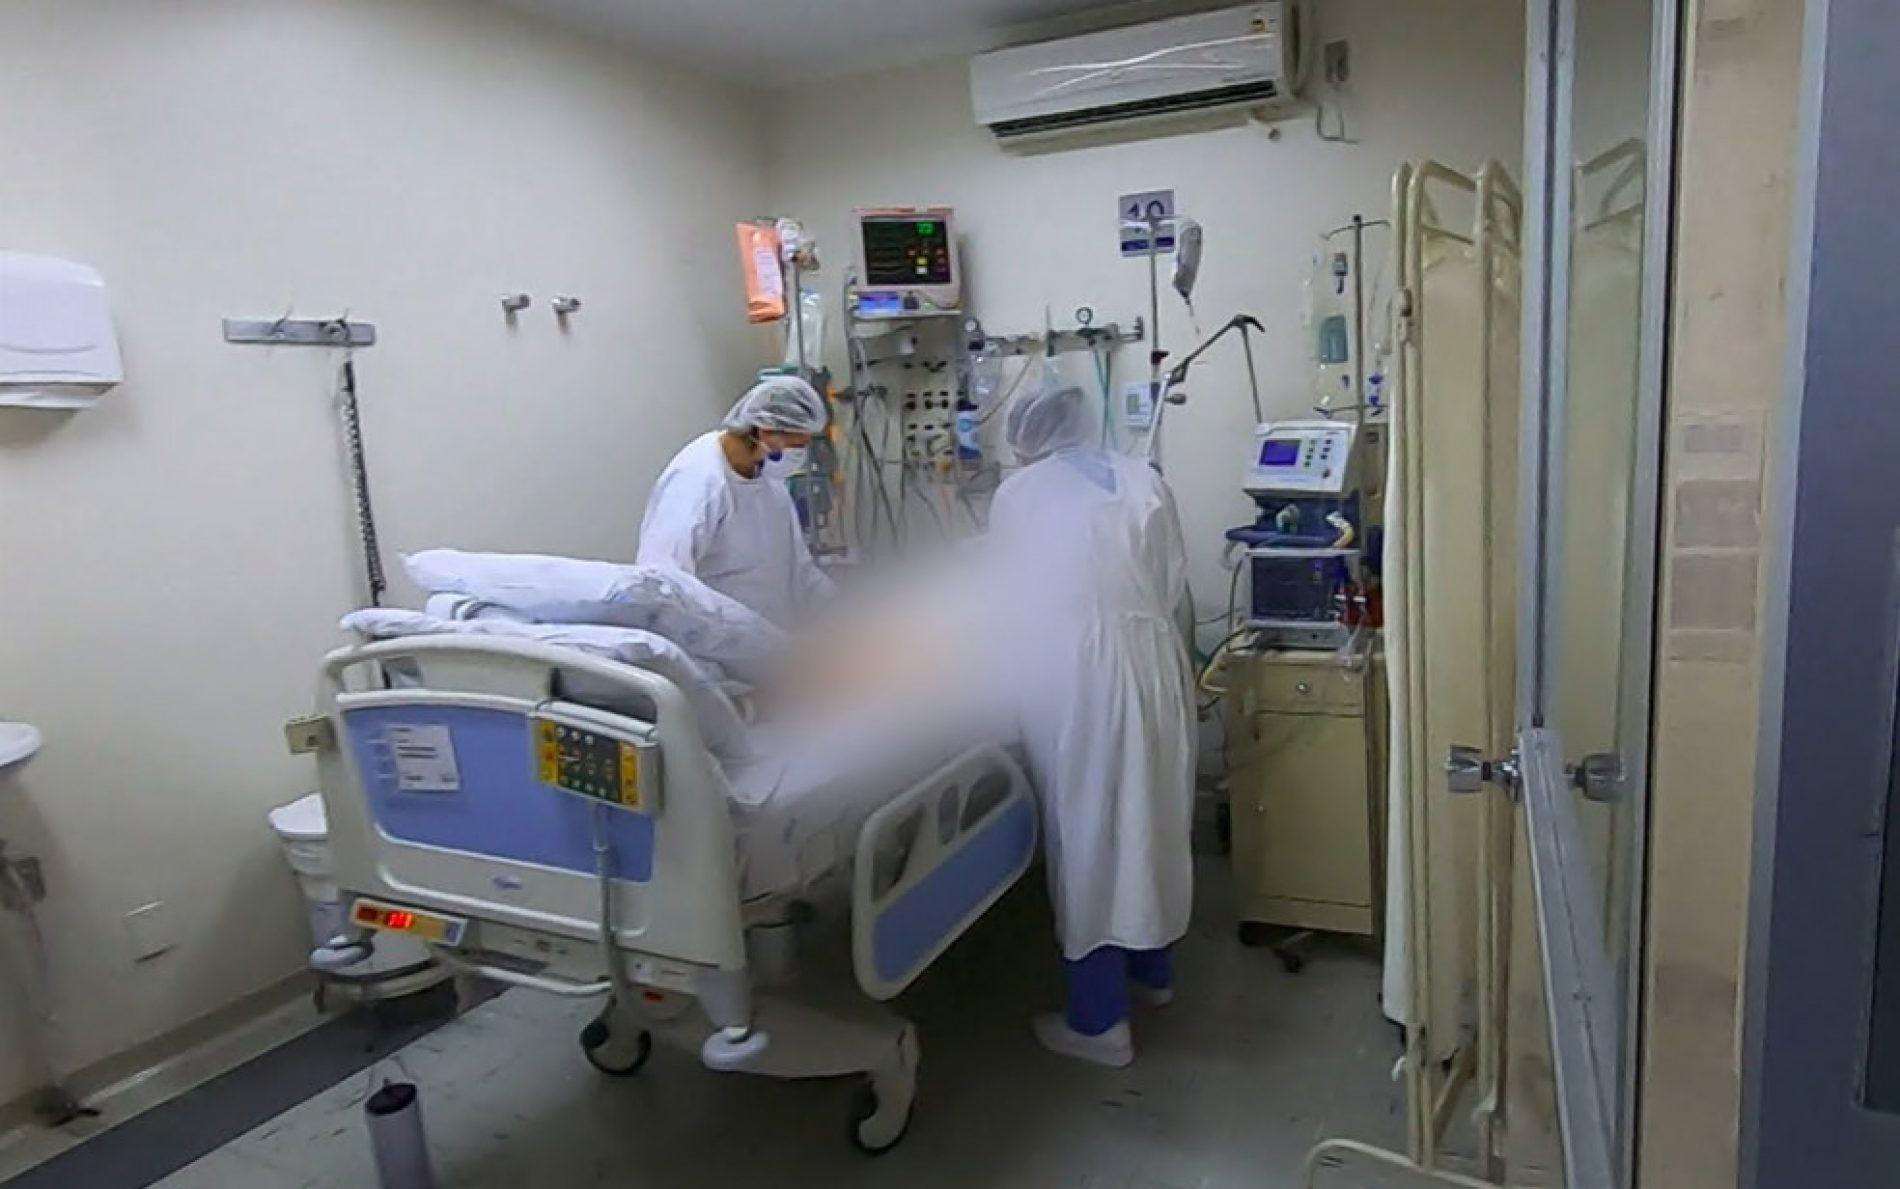 REGIÃO: Bebê de 6 meses morre por complicações da Covid-19, diz boletim